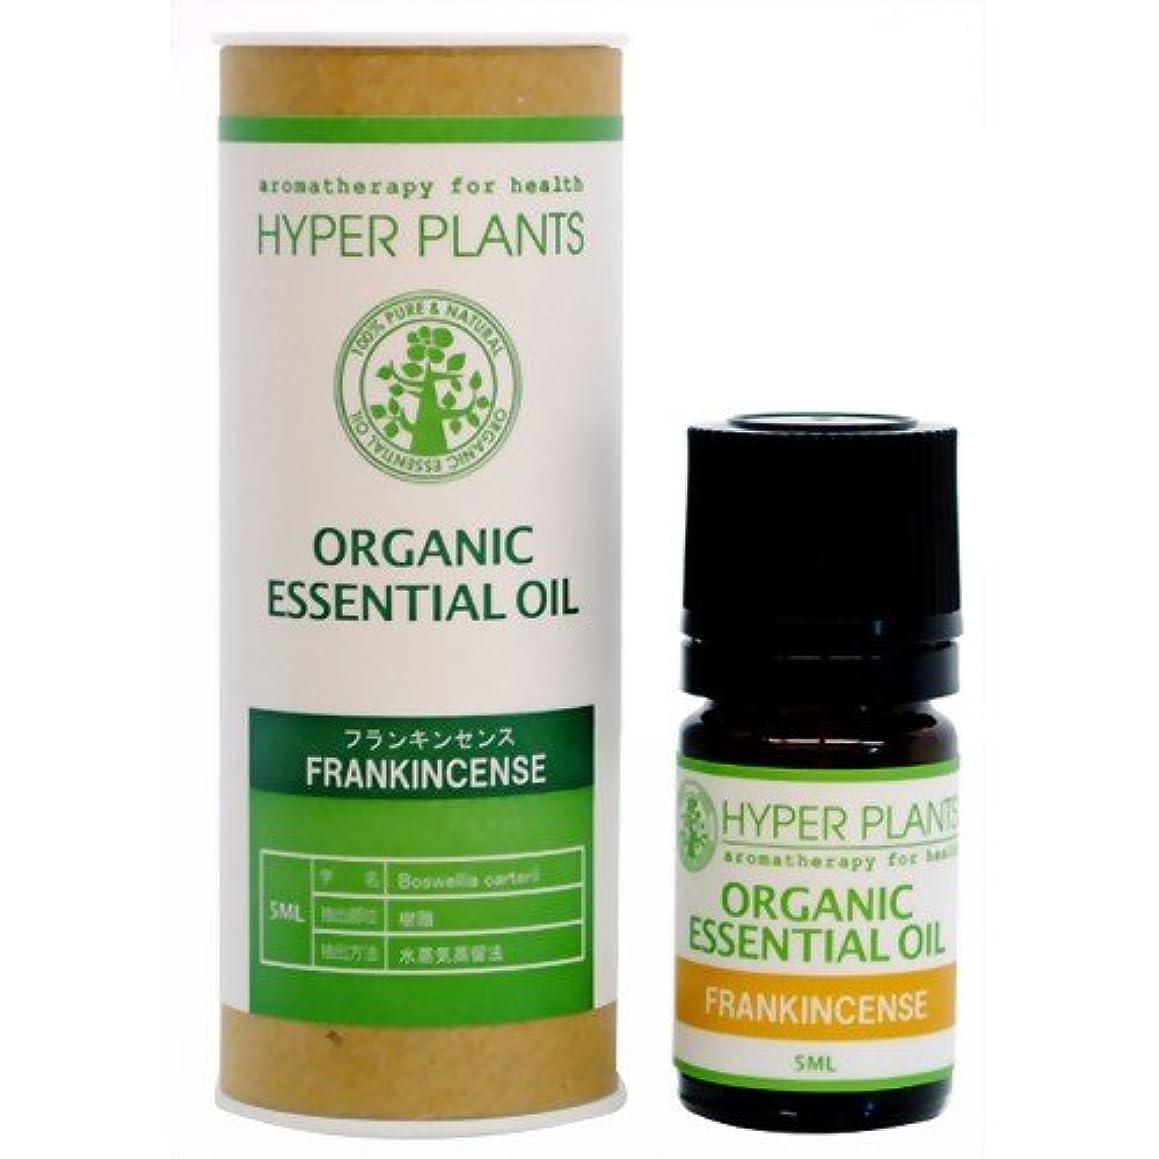 思想古風なあいまいさHYPER PLANTS ハイパープランツ オーガニックエッセンシャルオイル フランキンセンス 5ml HE0024